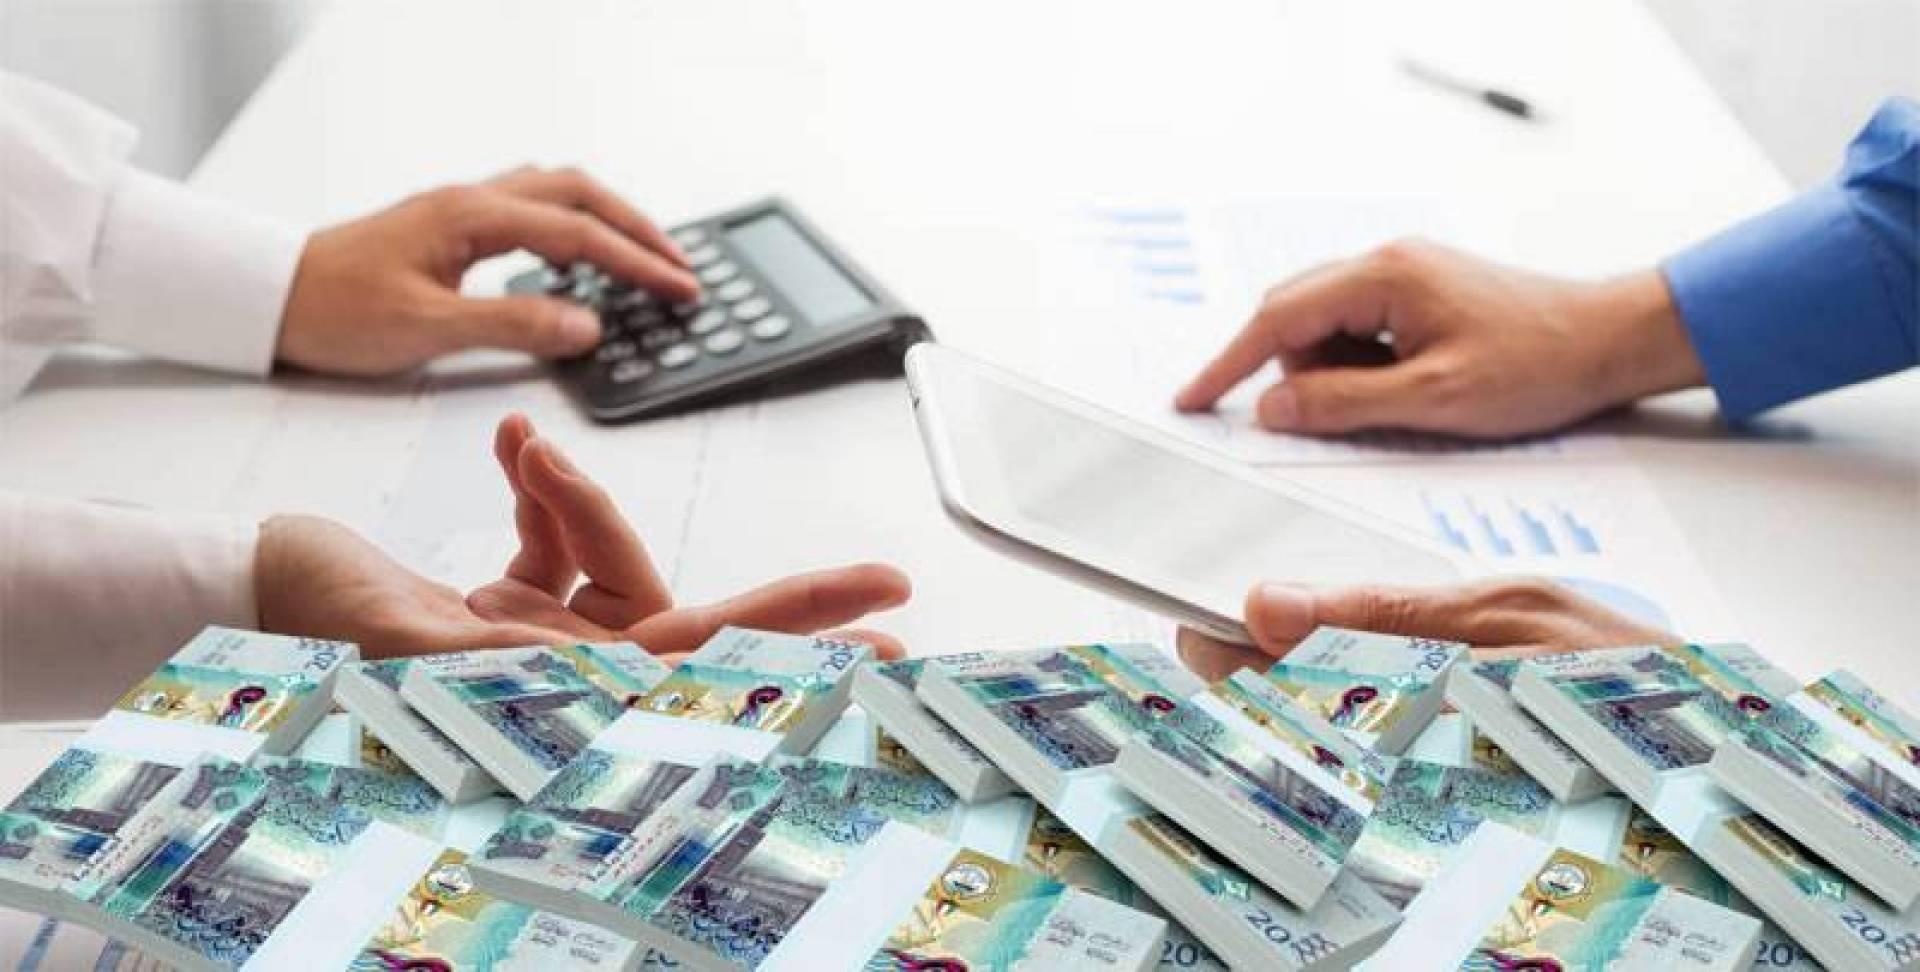 _ تسديد قروض واستخراج قرض جديد بنك الرياض